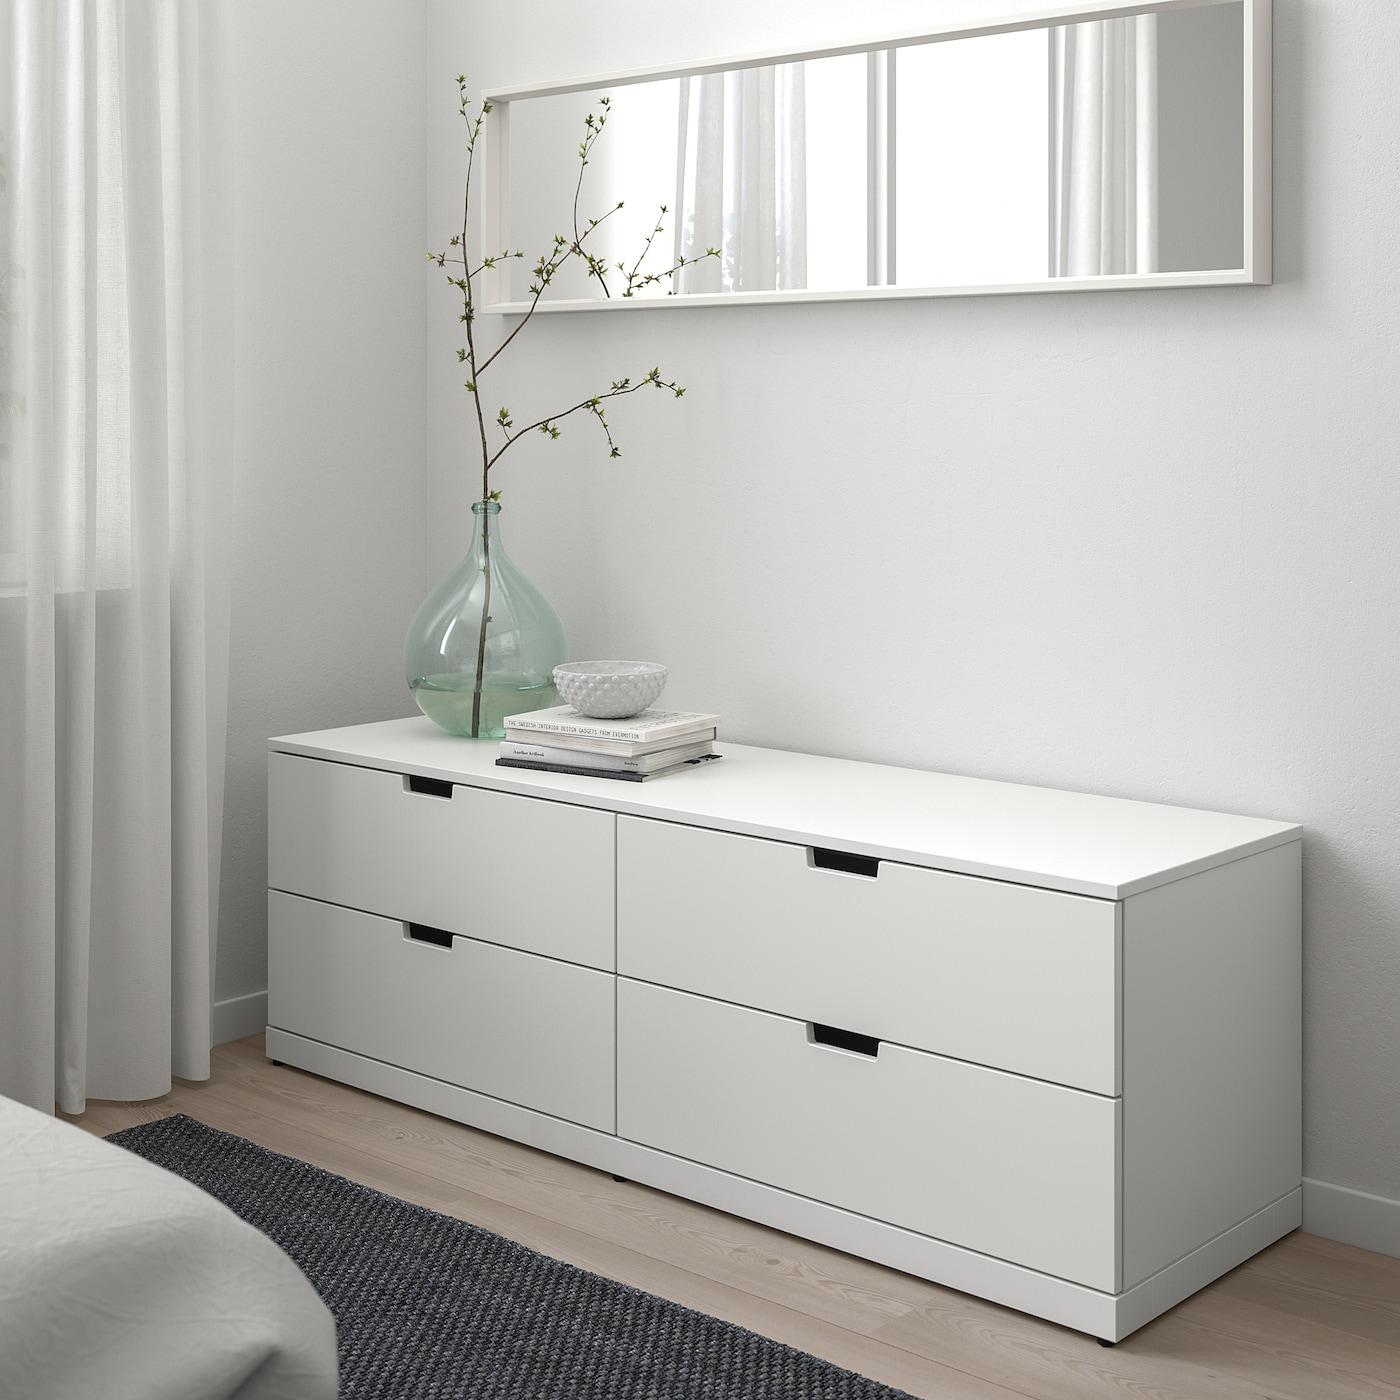 NORDLI Predalnik s 4 predali, bela, 160x54 cm